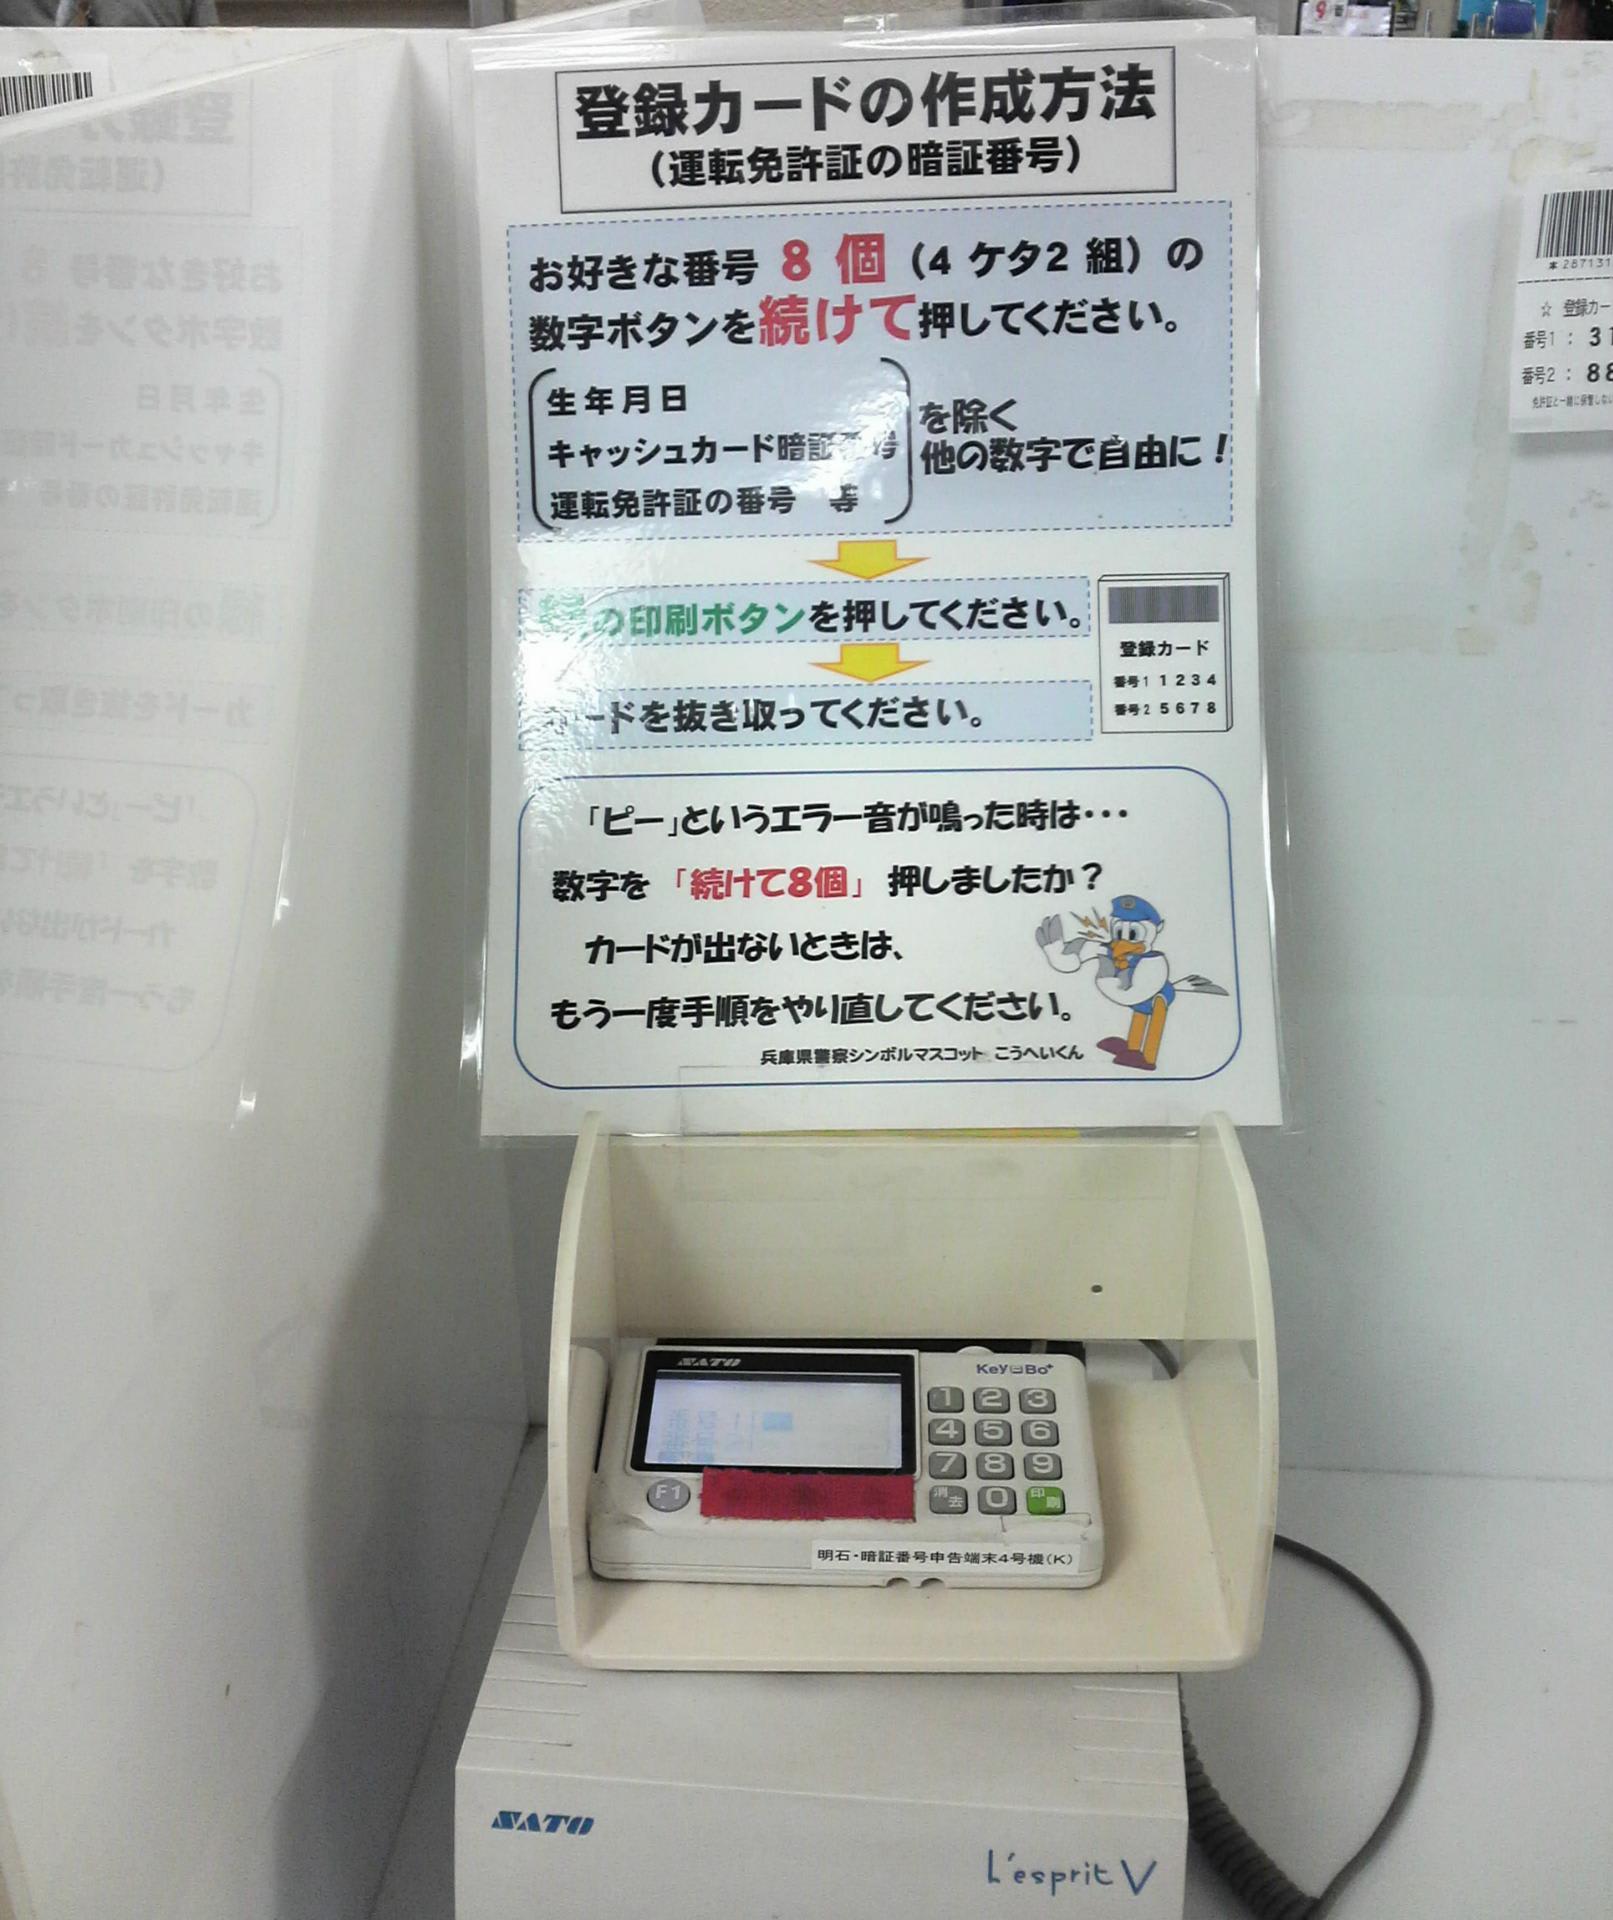 運転 センター 県 免許 更新 警察 阪神 兵庫